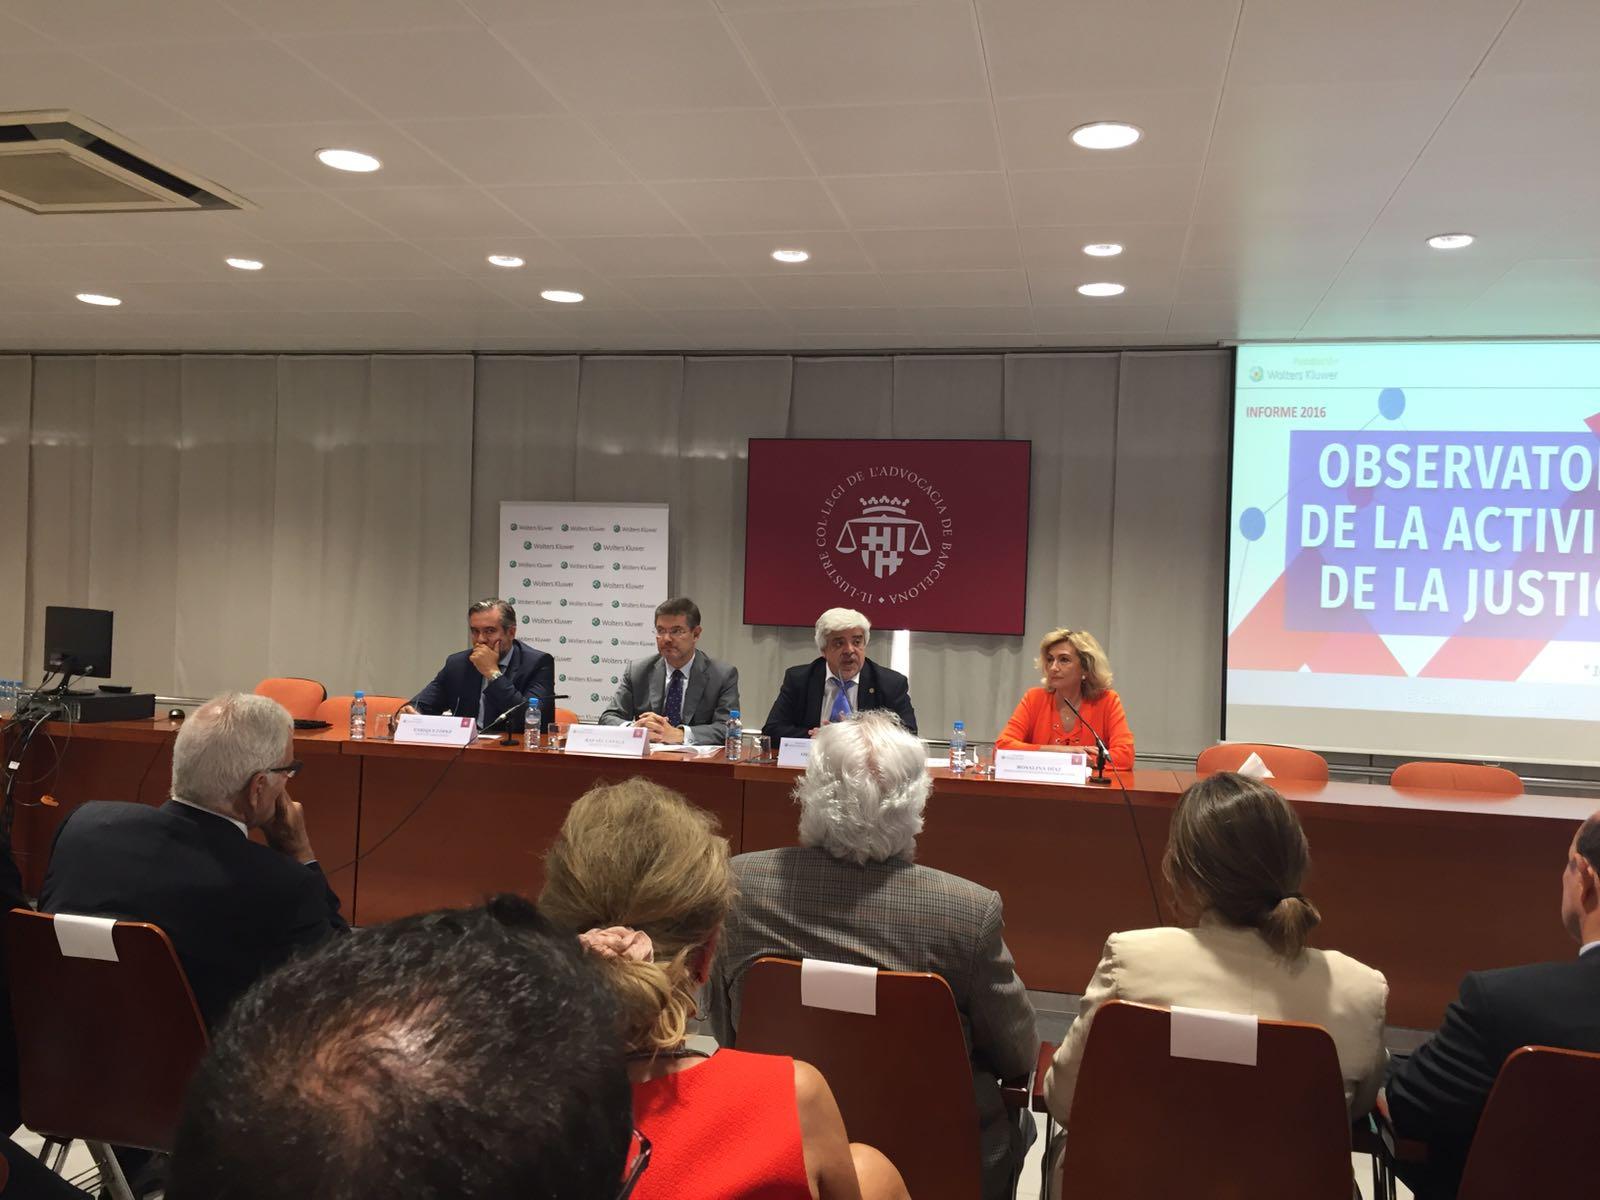 Asistencia a la presentación de los datos del Observatorio de la Actividad de la Justicia, en el Colegio de Abogados de Cataluña, presidido por el Ministro de Justicia